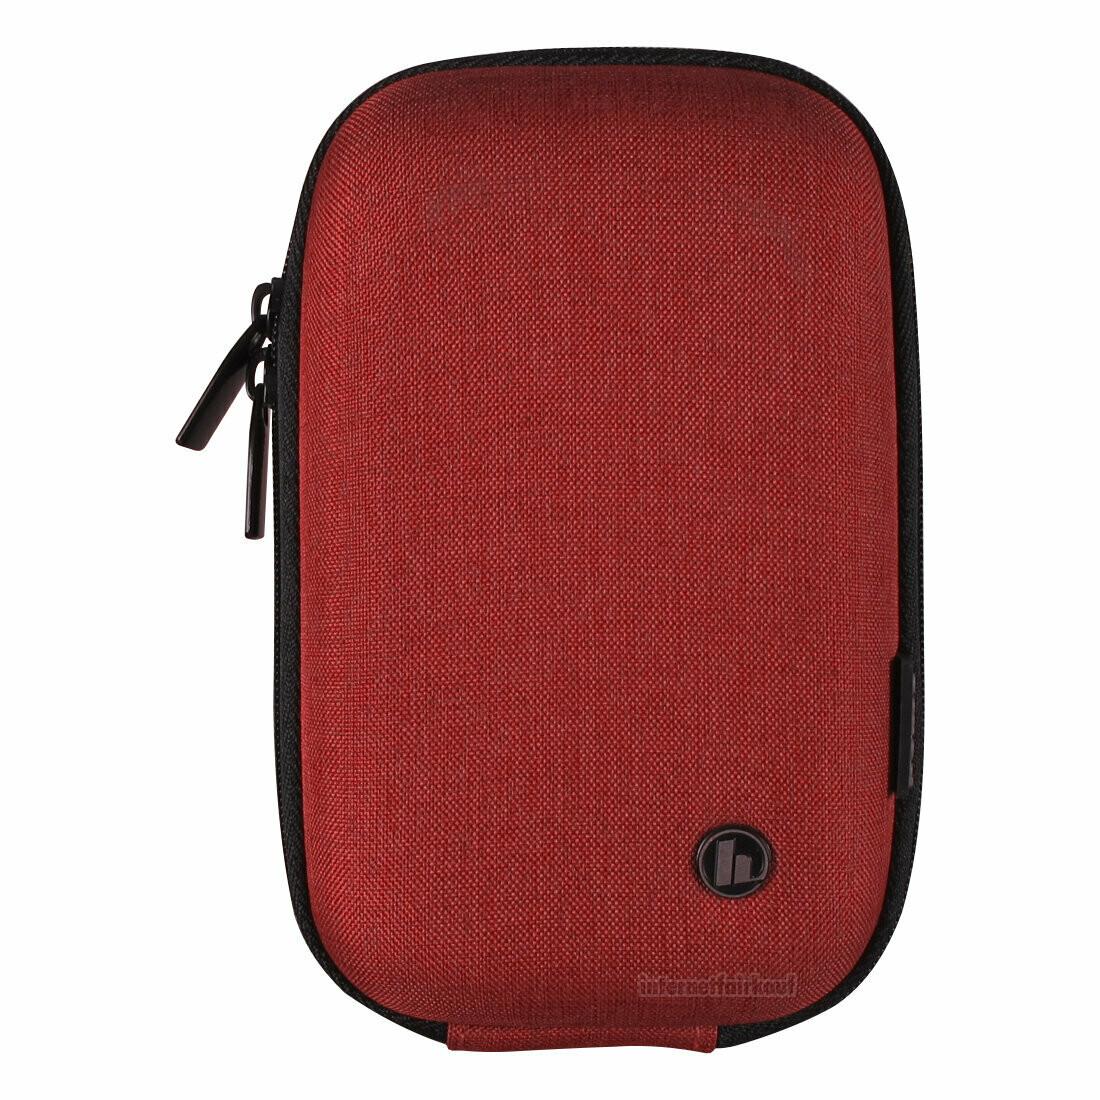 Hardcase Kameratasche rot passend für Canon PowerShot SX700 HS SX710 HS